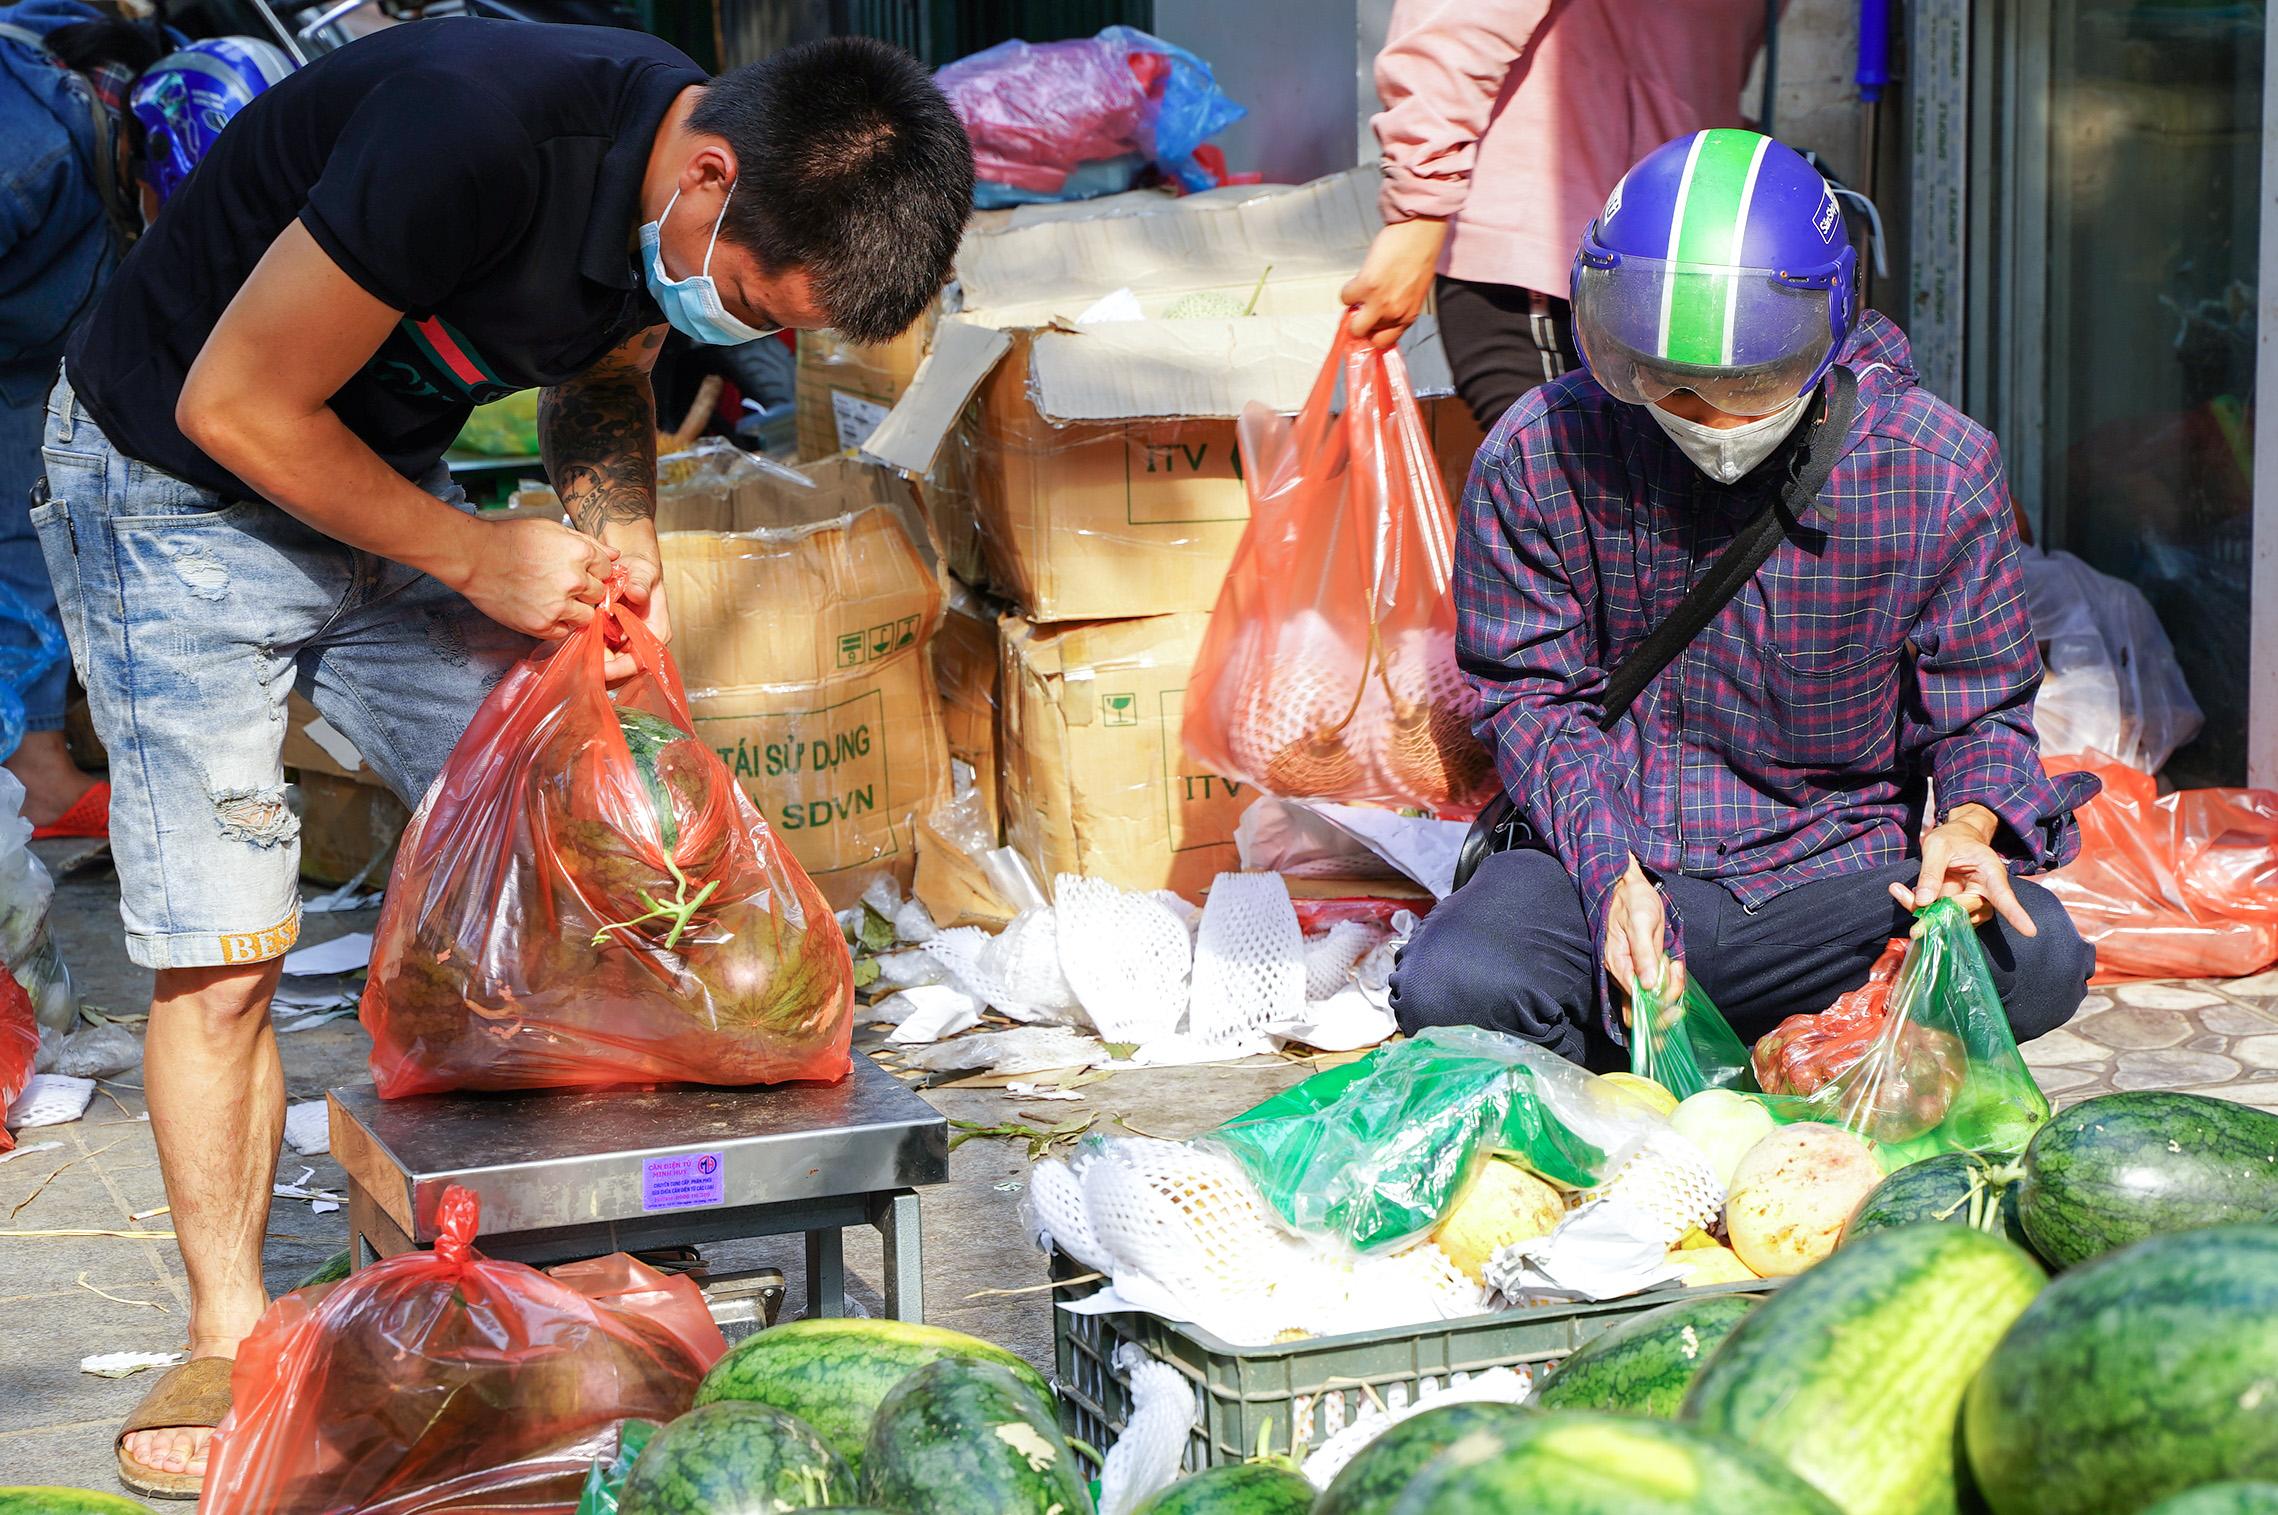 Hơn 60 tấn dưa hấu Bắc Giang được người dân Hà Nội giải cứu - Ảnh 2.